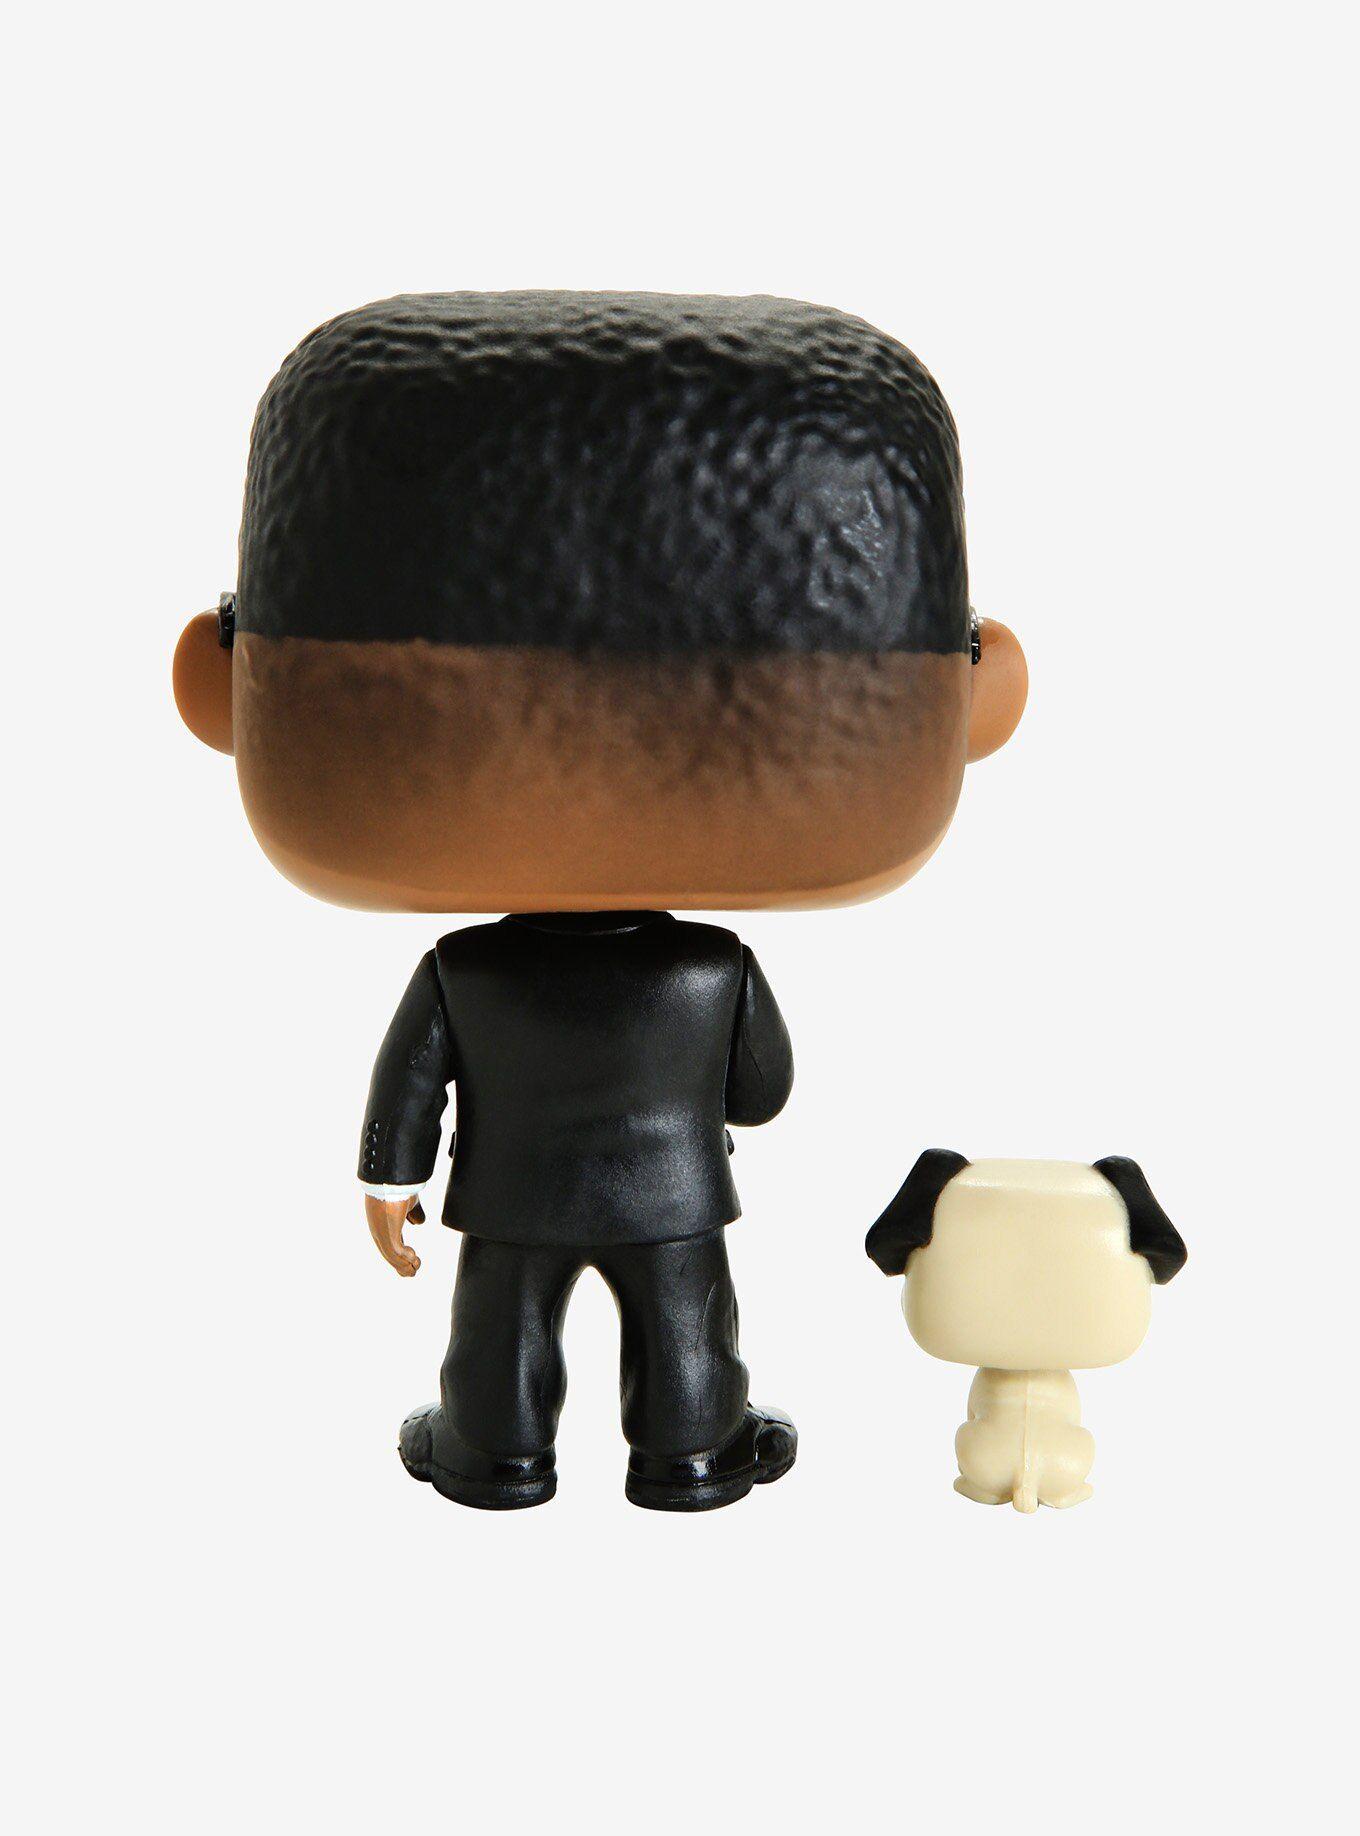 Agent J & Frank #715 - MIB - Funko Pop! Movies